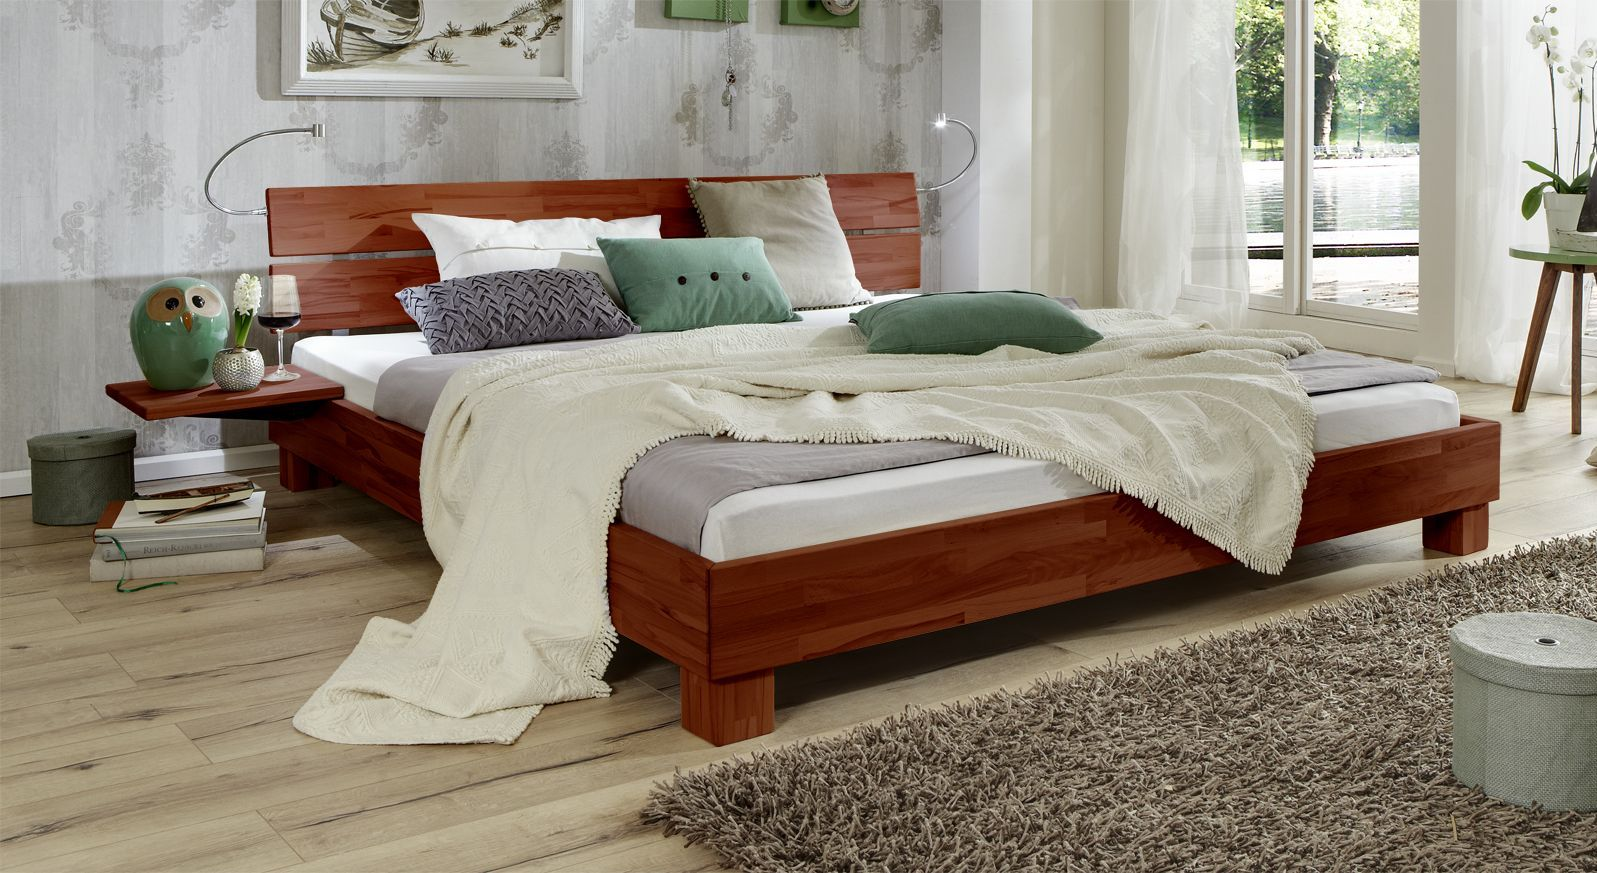 Bett Mera aus Massivholz in Buche kirschbaumfarben